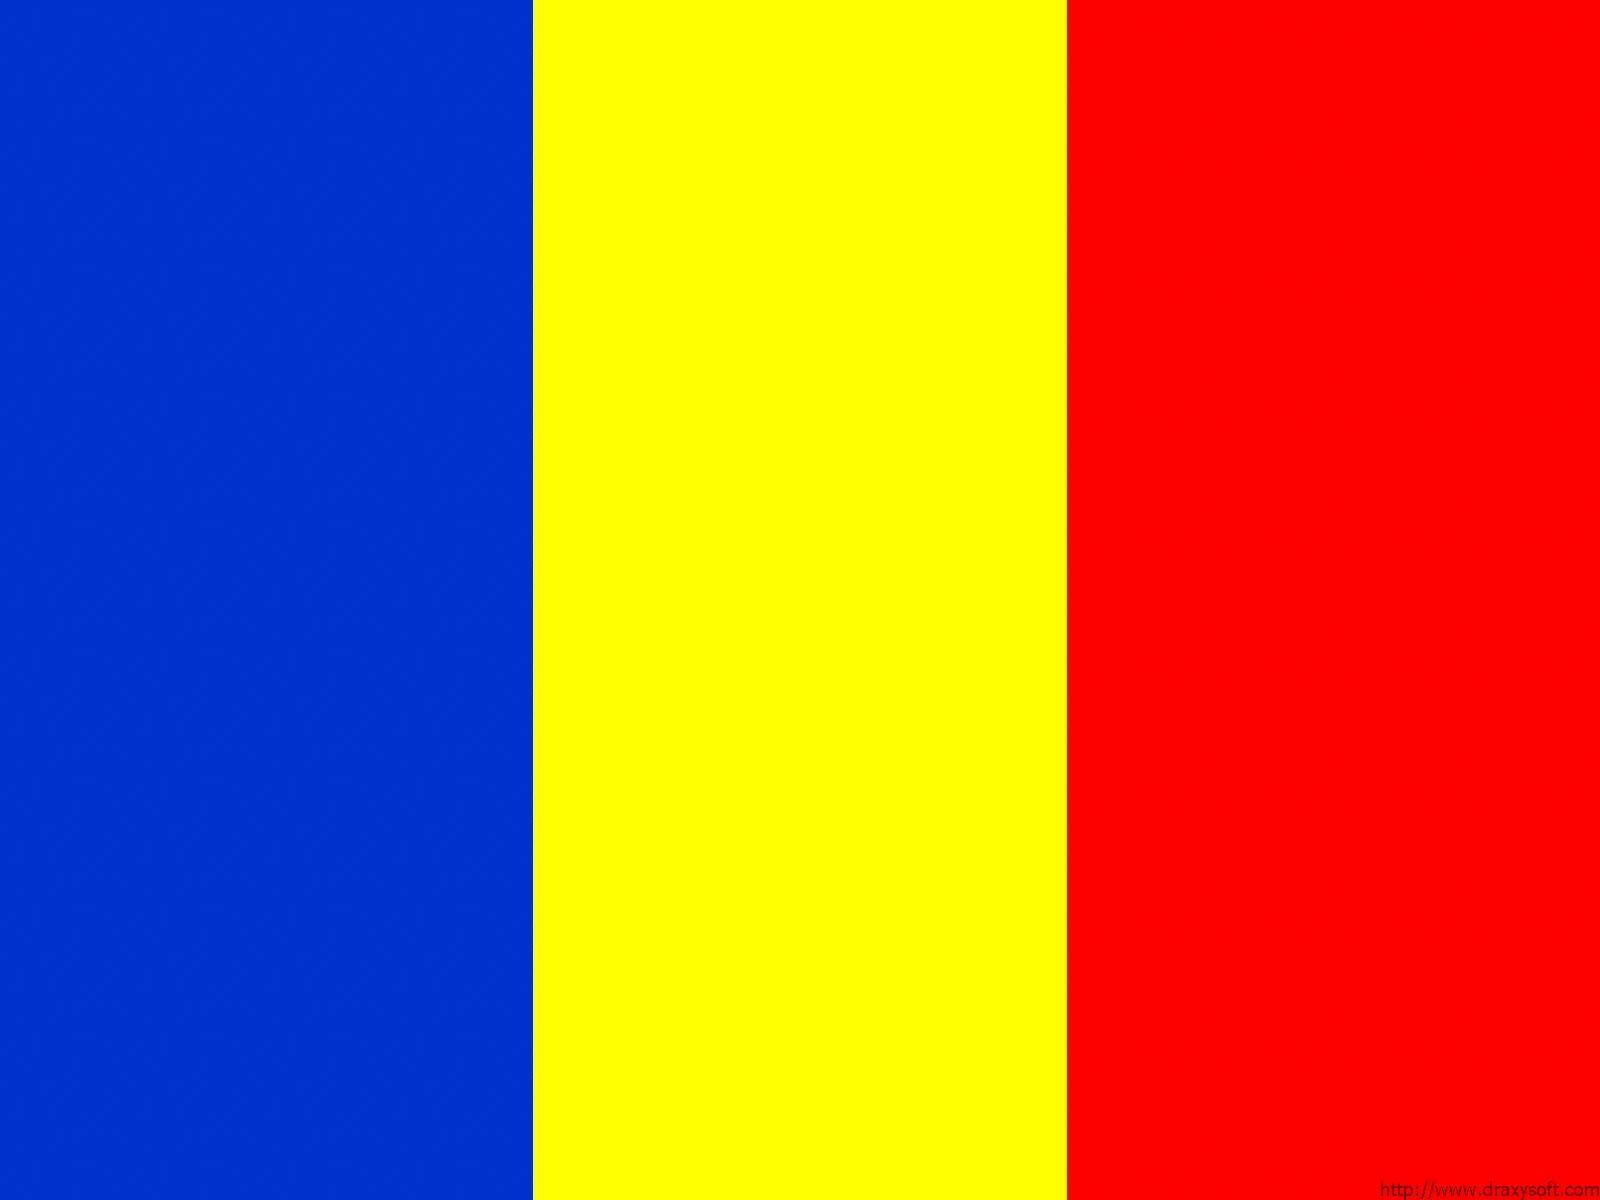 Rumania20Bandera Análisis de Rumanía - Grupo A - Comunio-Biwenger